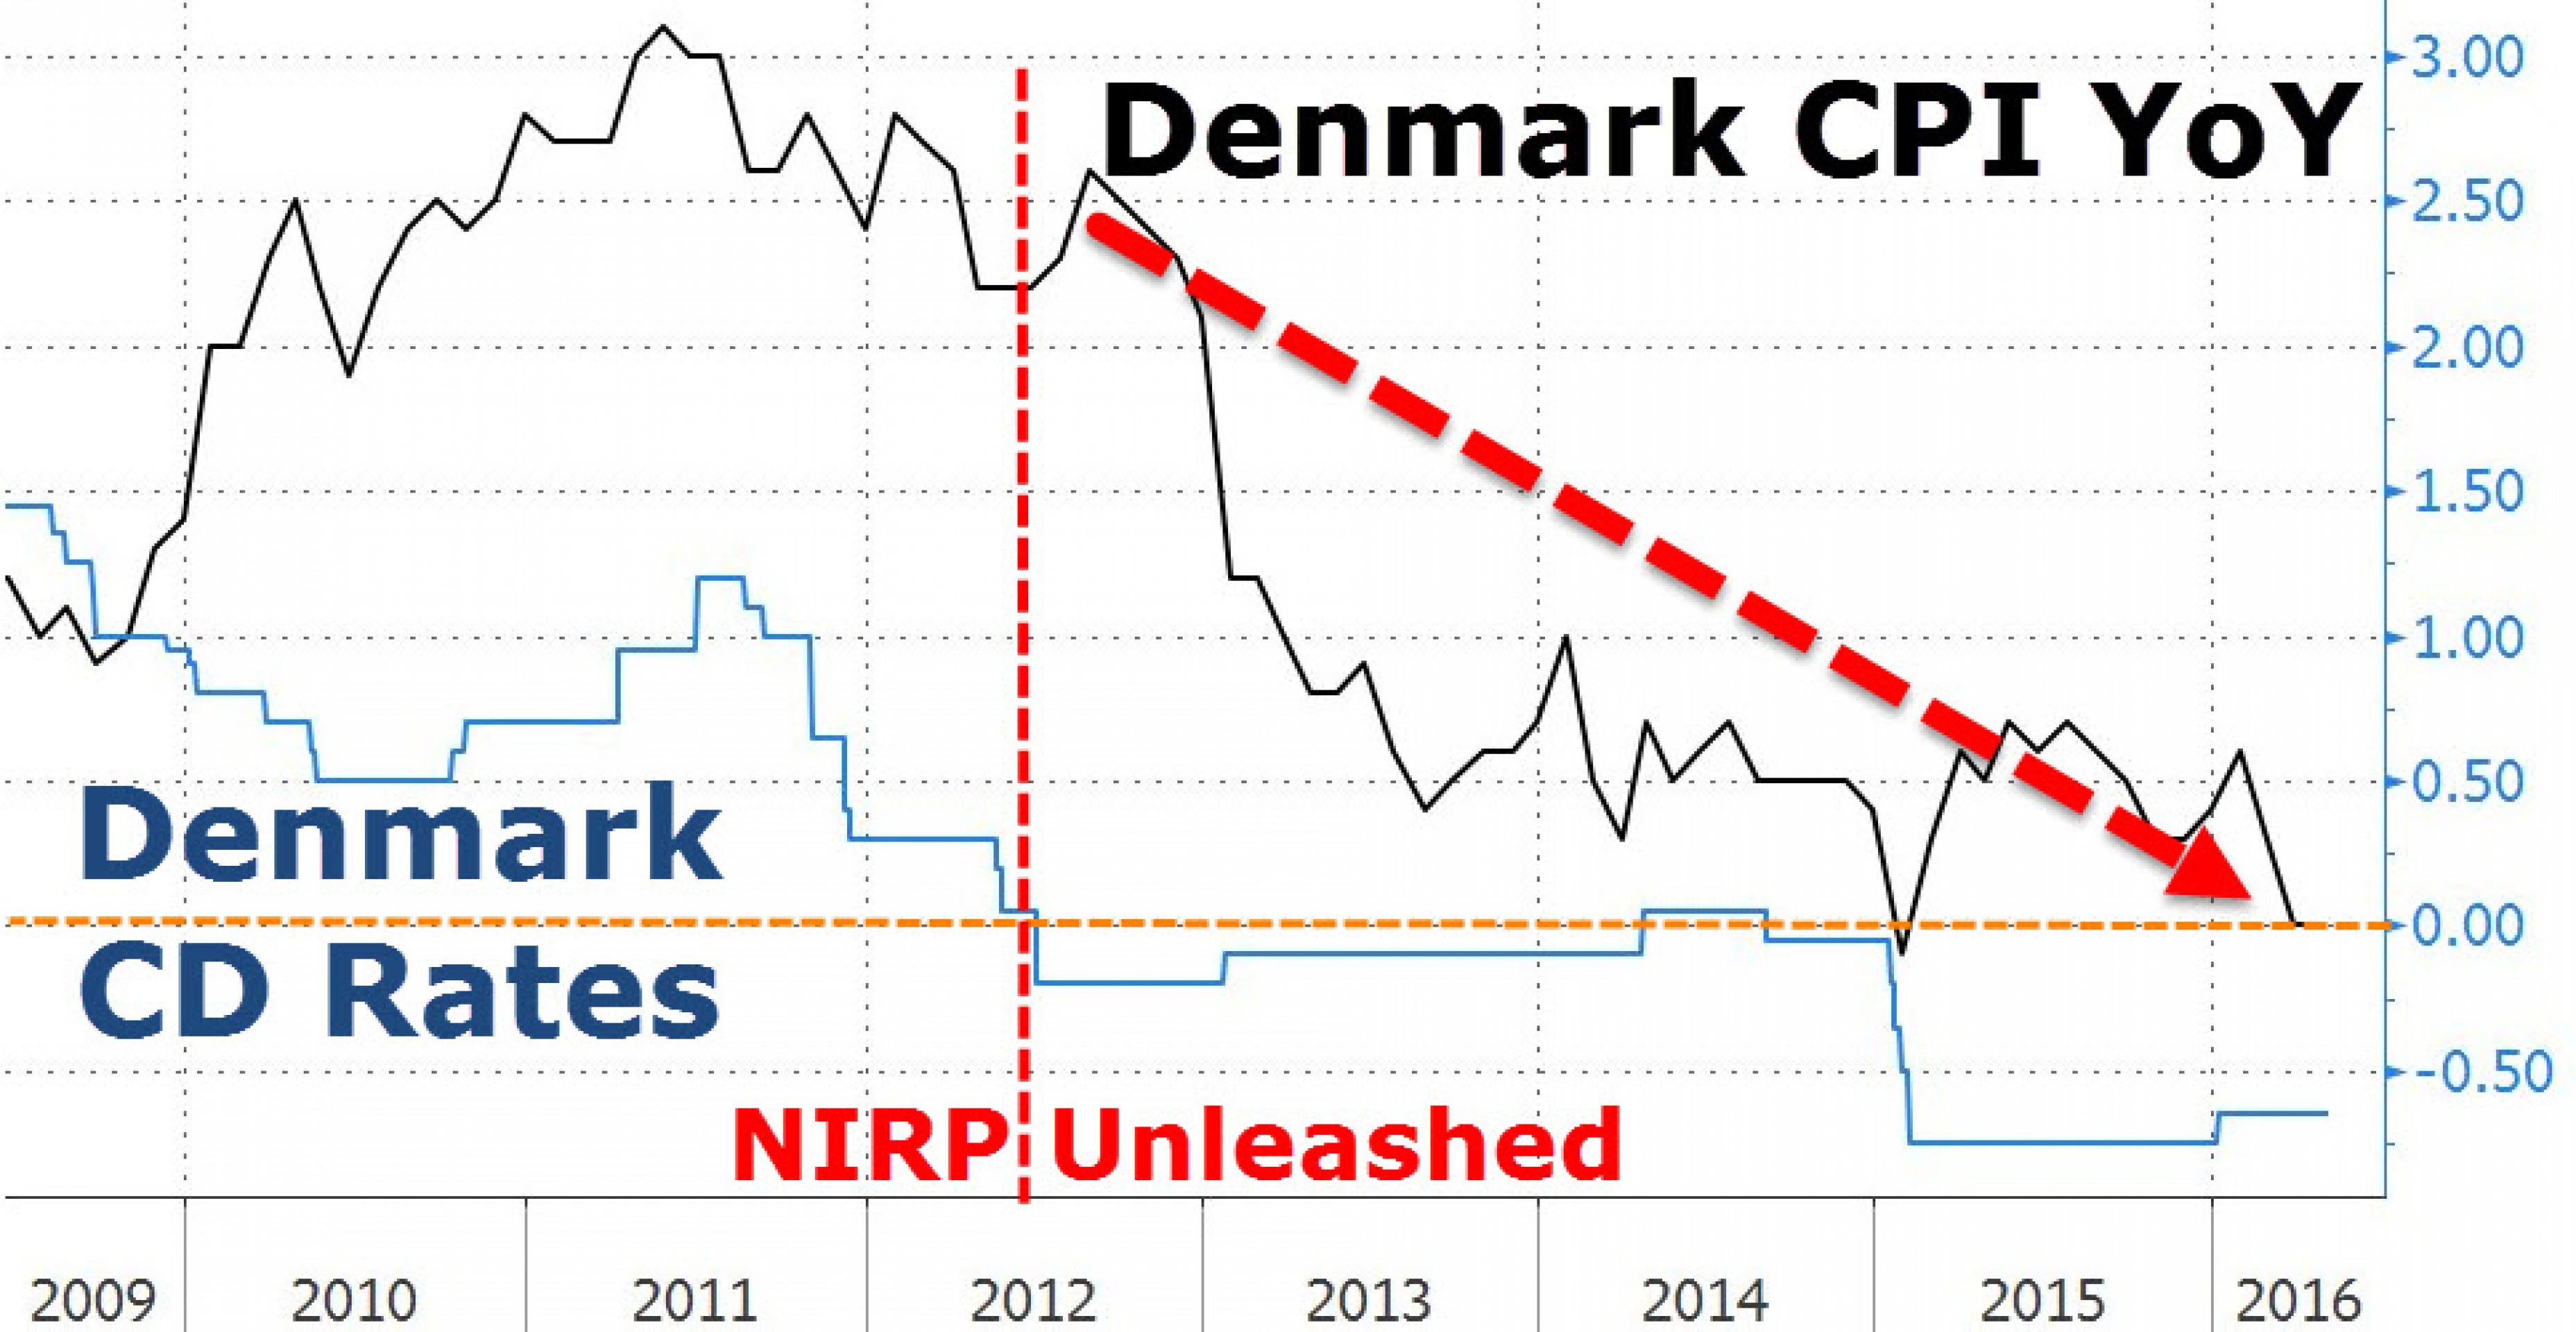 Отрицательные ставки не работают. Пример Дании